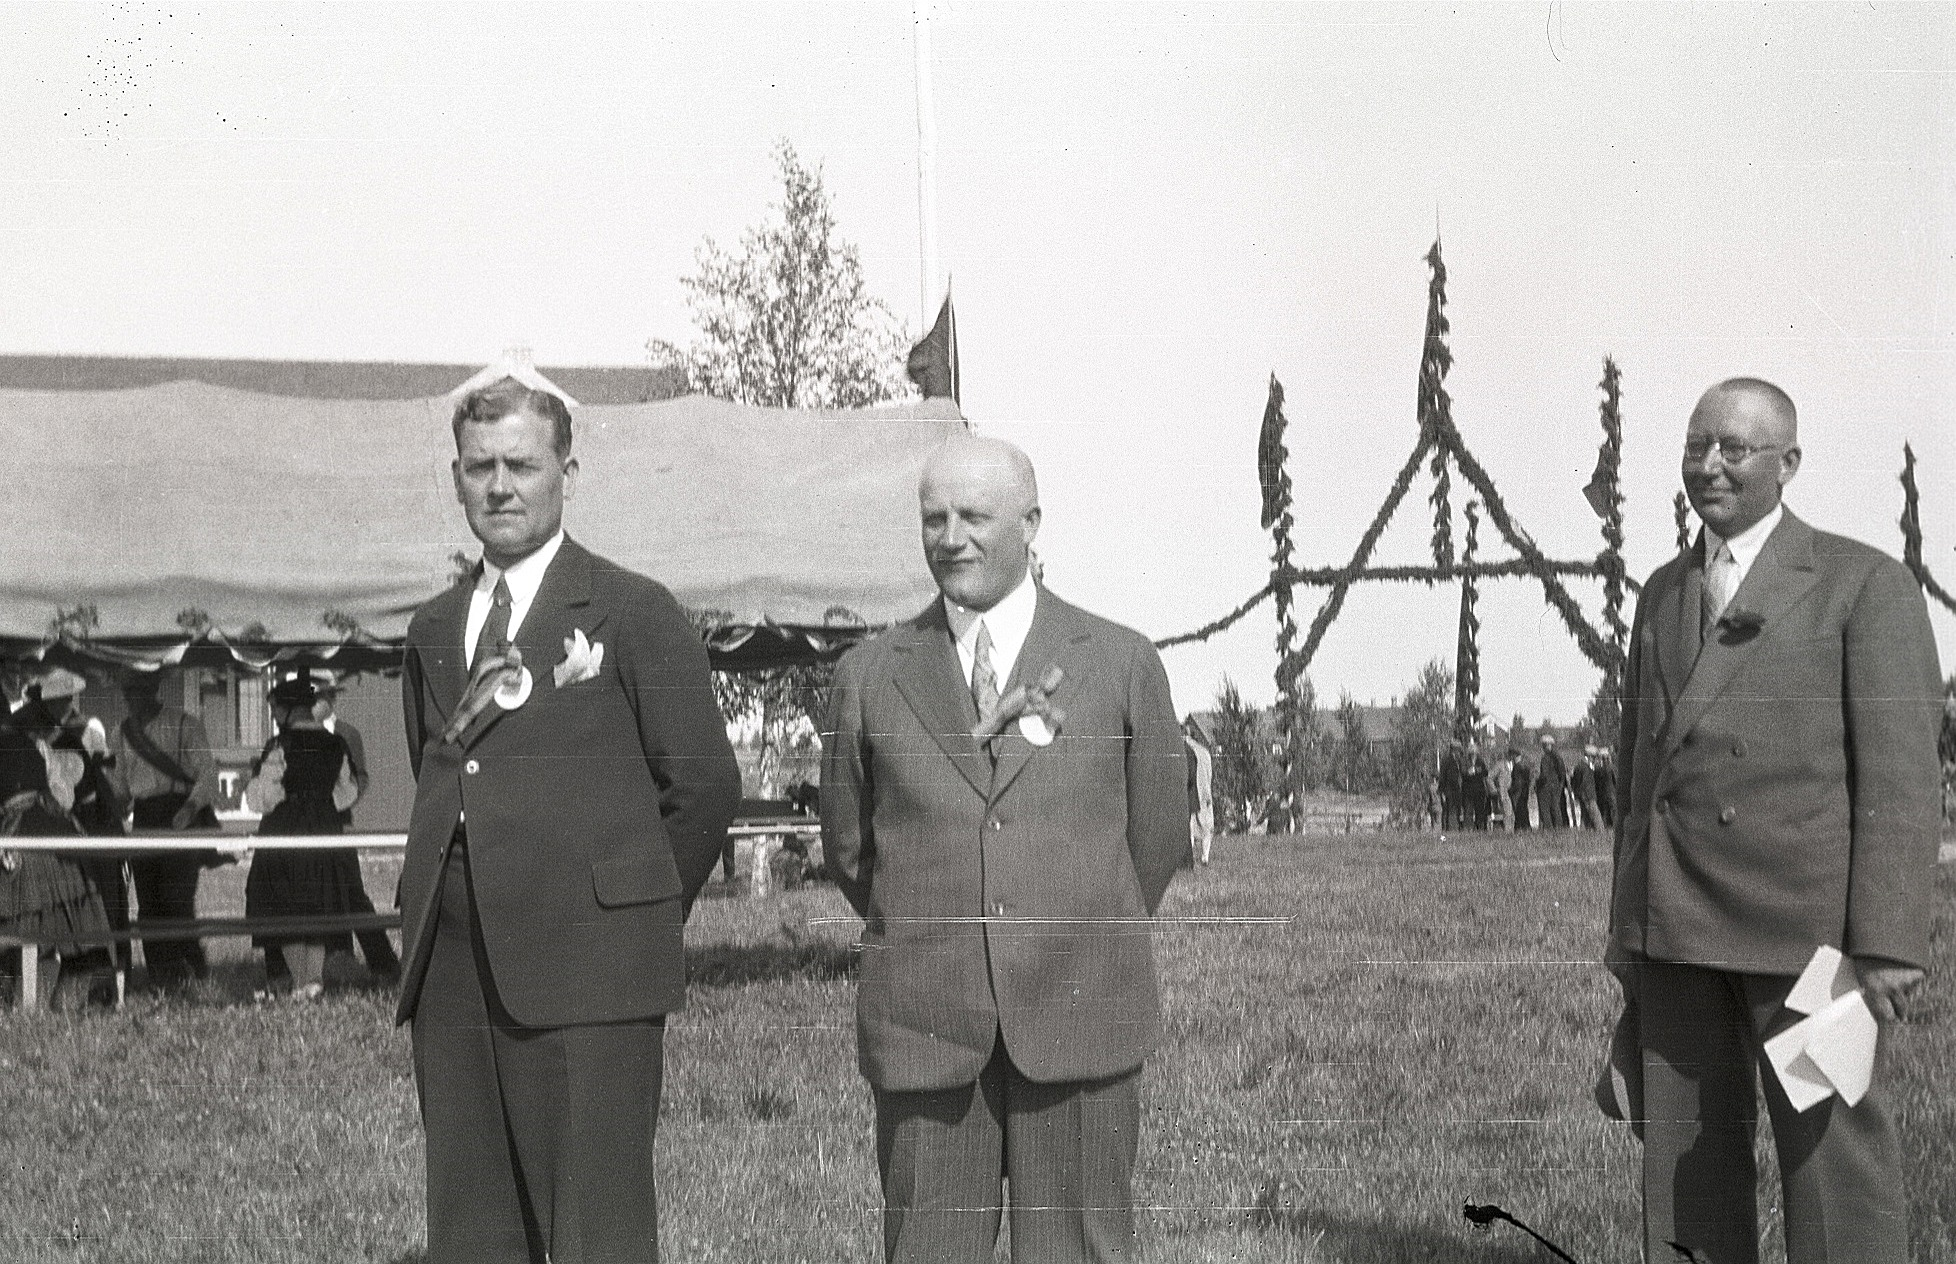 I mitten folkhögskolans rektor Johannes Nyqvist med två okända män.